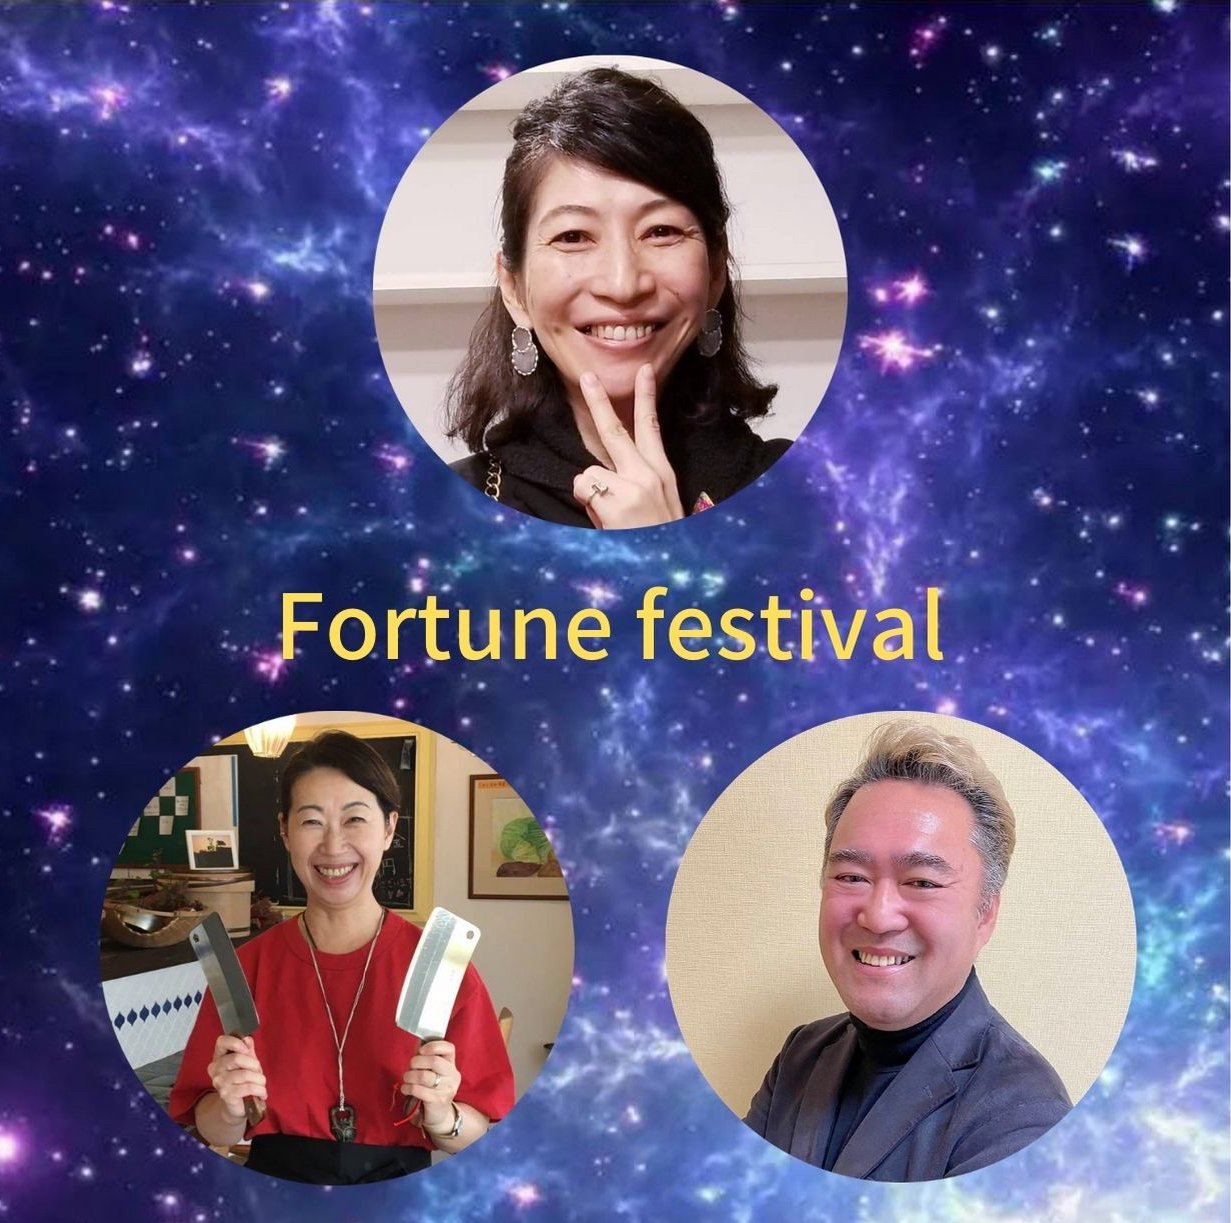 【第1部】◆当日現金払い◆ 最強の魔術師と輝く魔女たちが集うヒーリングイベント Fortune Festival 入場料のイメージその3